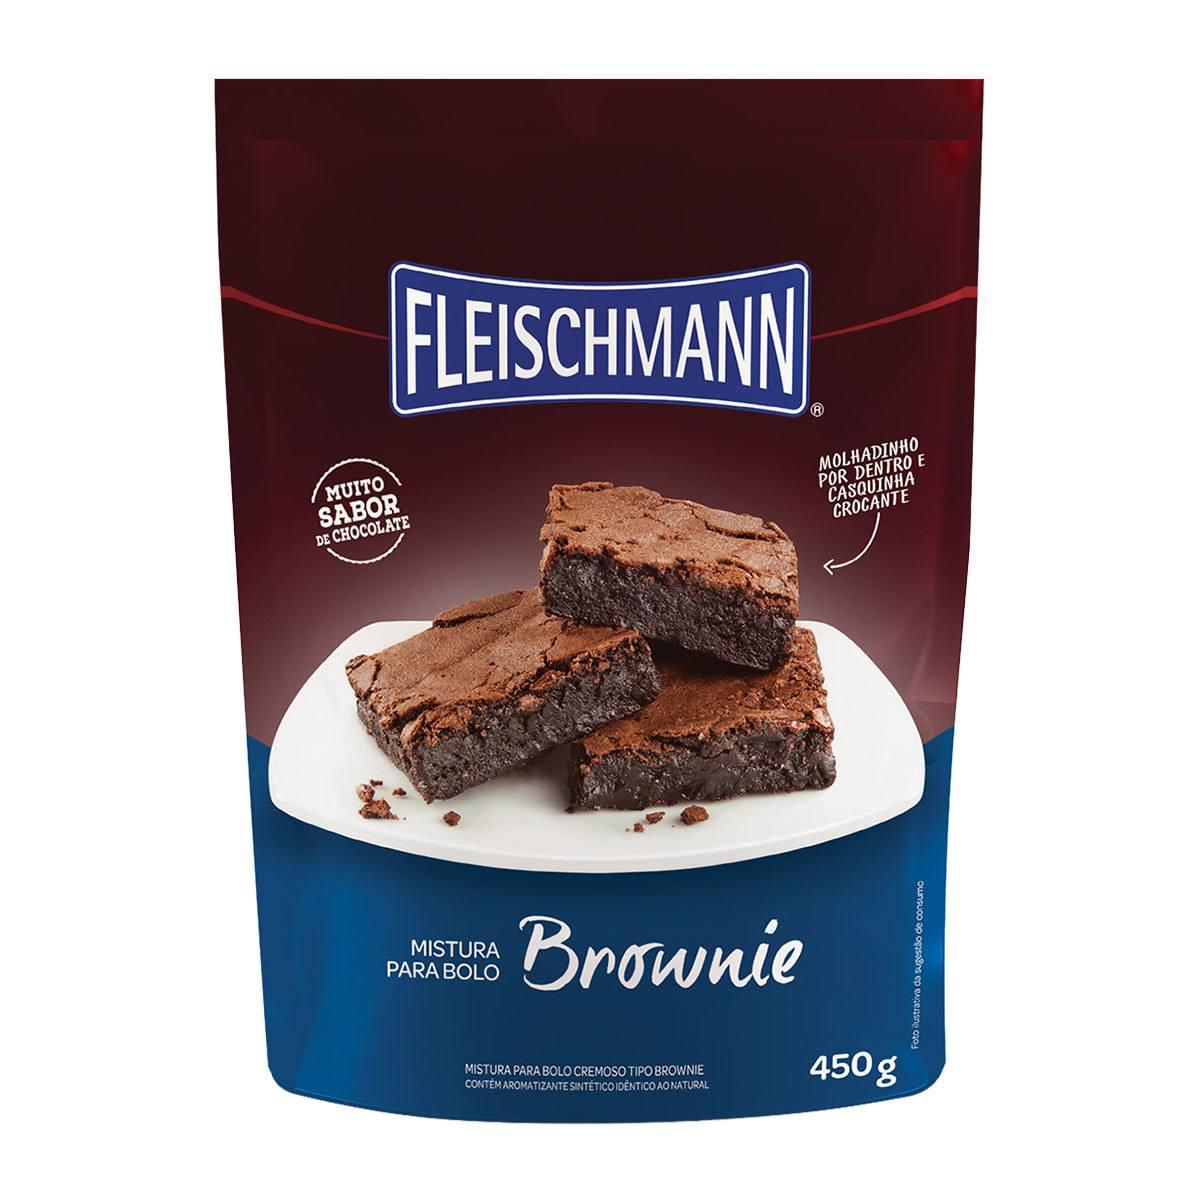 Mistura para Brownie 450g Fleischmann.